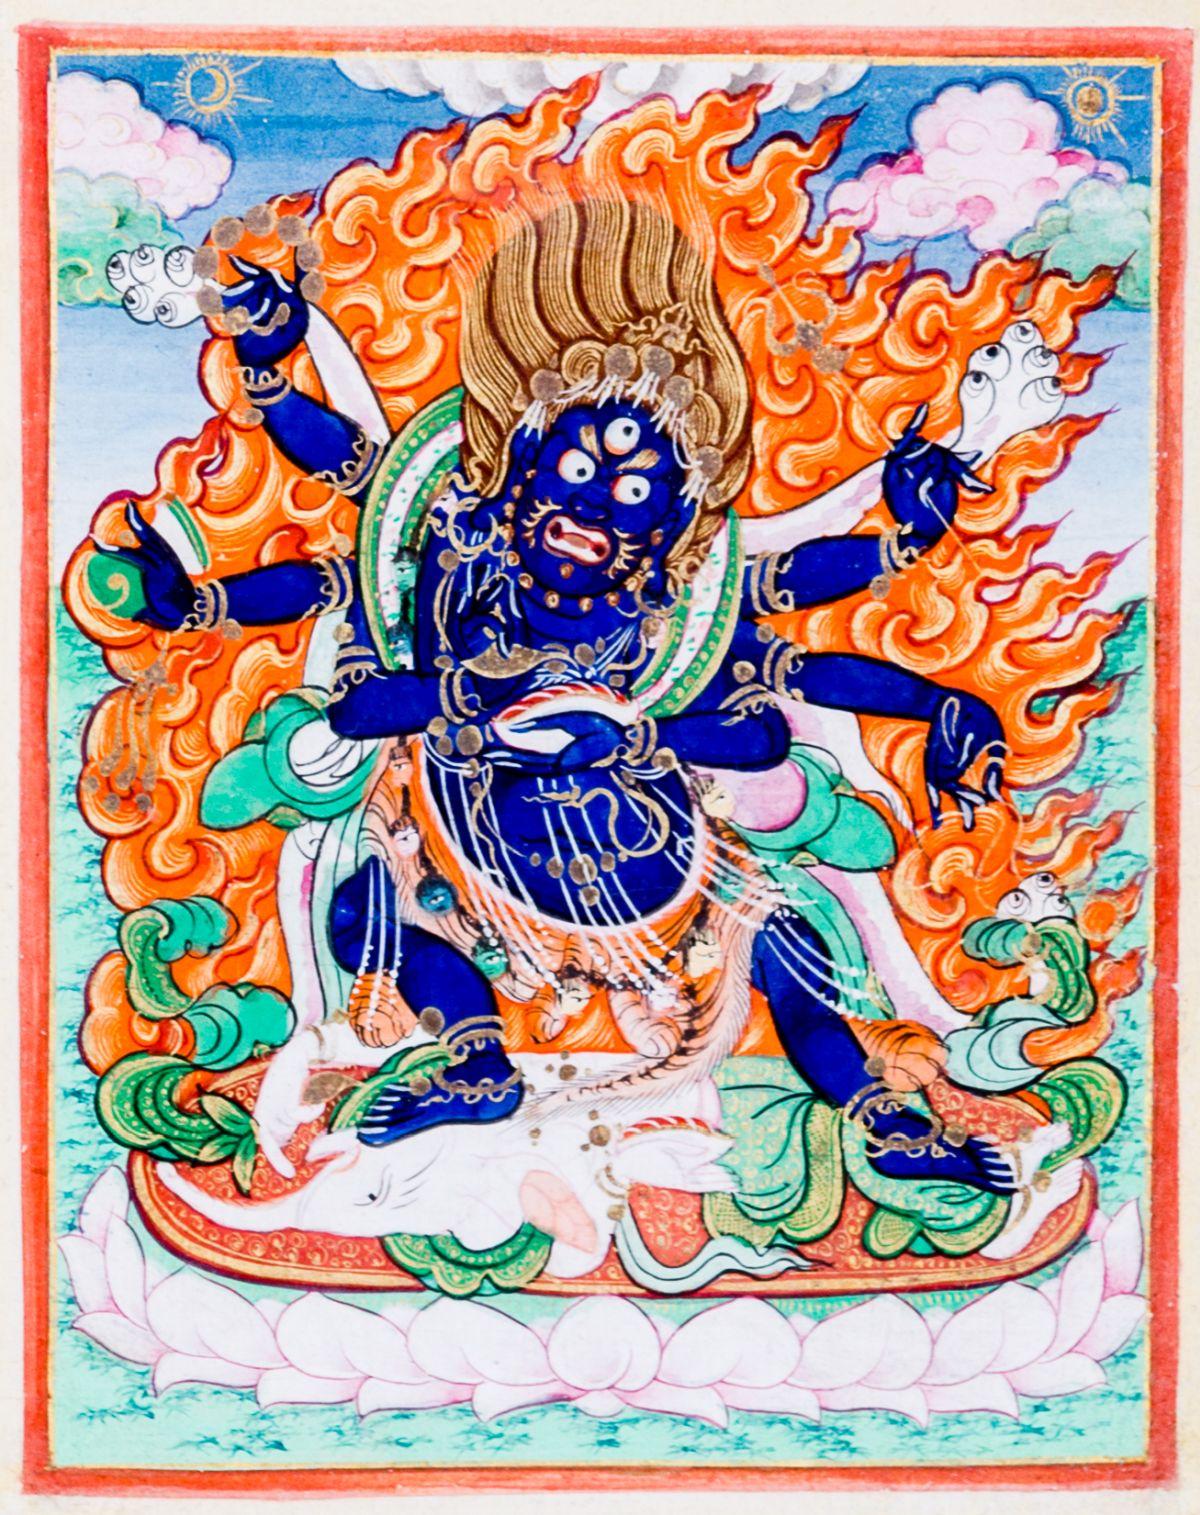 #193 The protective Deity Mahakala | Die Schutzgottheit Mahakala Image